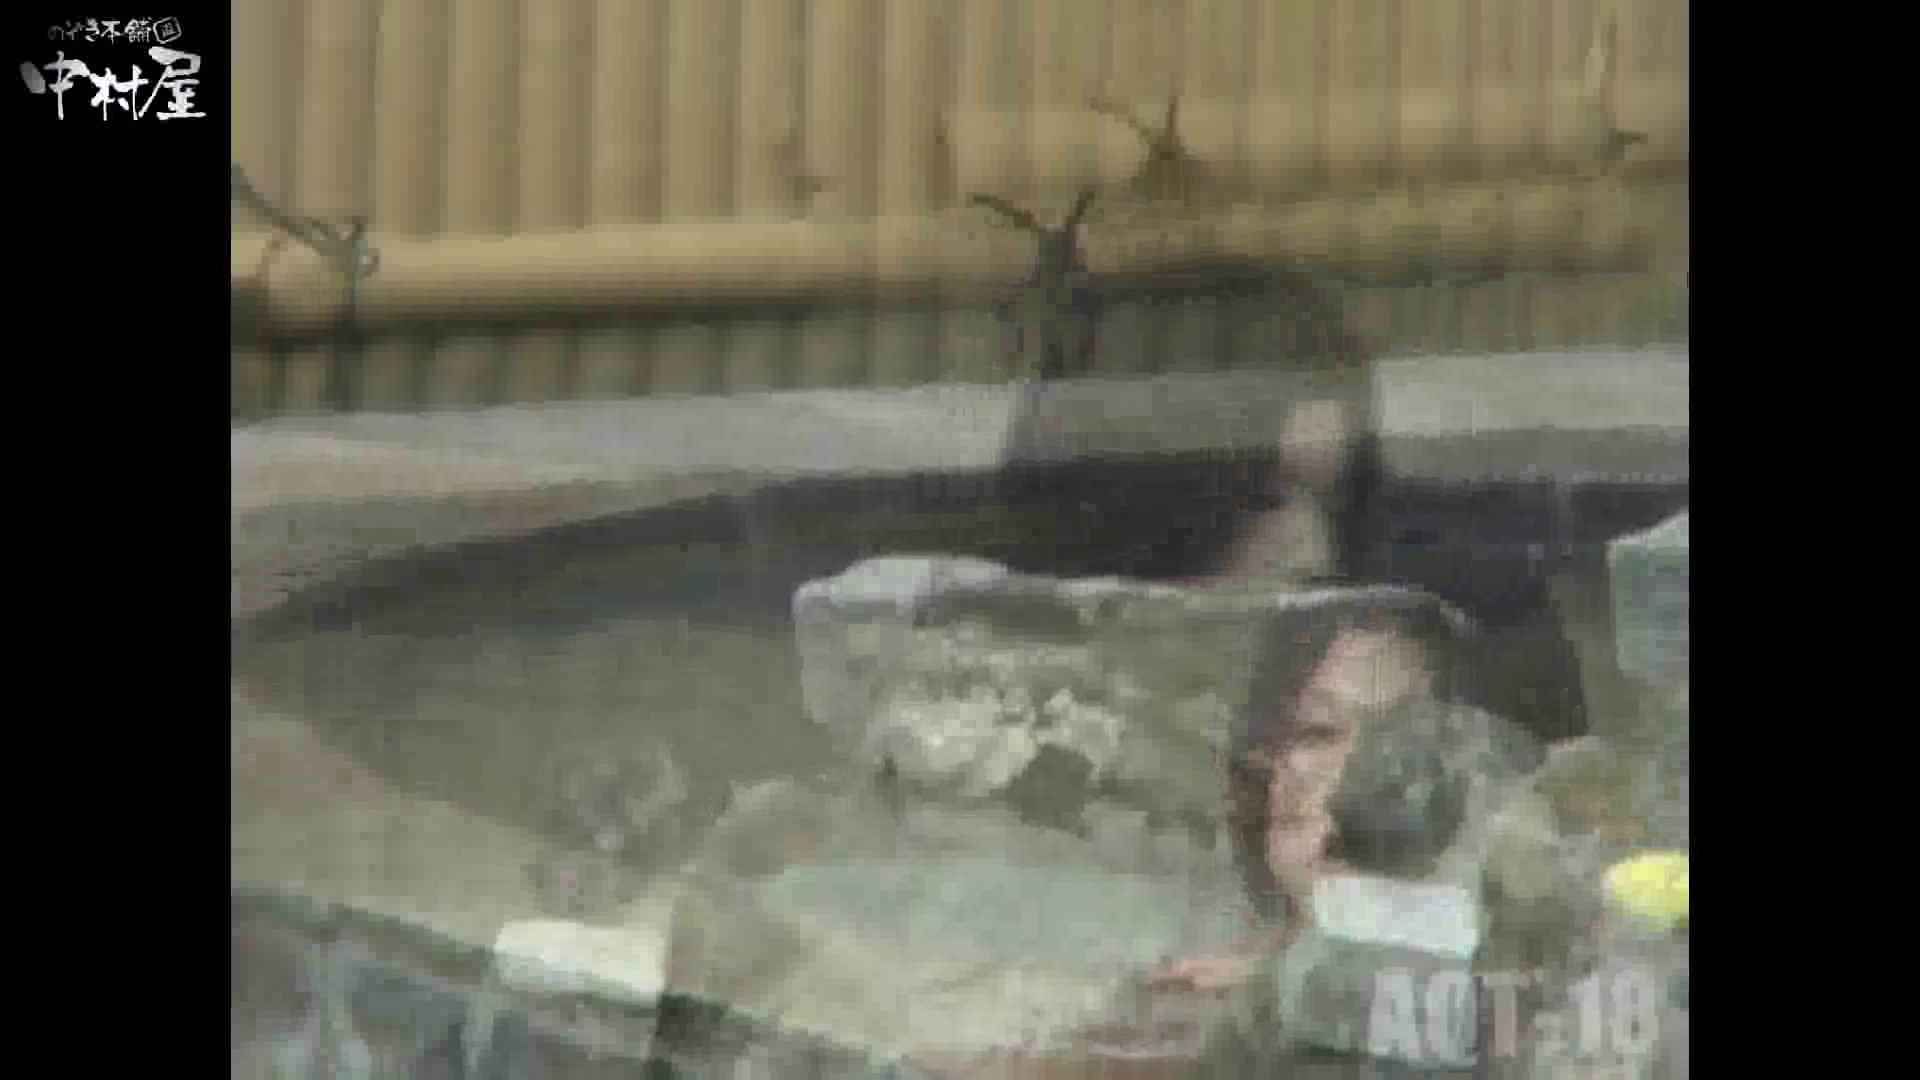 Aquaな露天風呂Vol.882潜入盗撮露天風呂十八判湯 其の五 盗撮師作品 覗きおまんこ画像 74pic 18